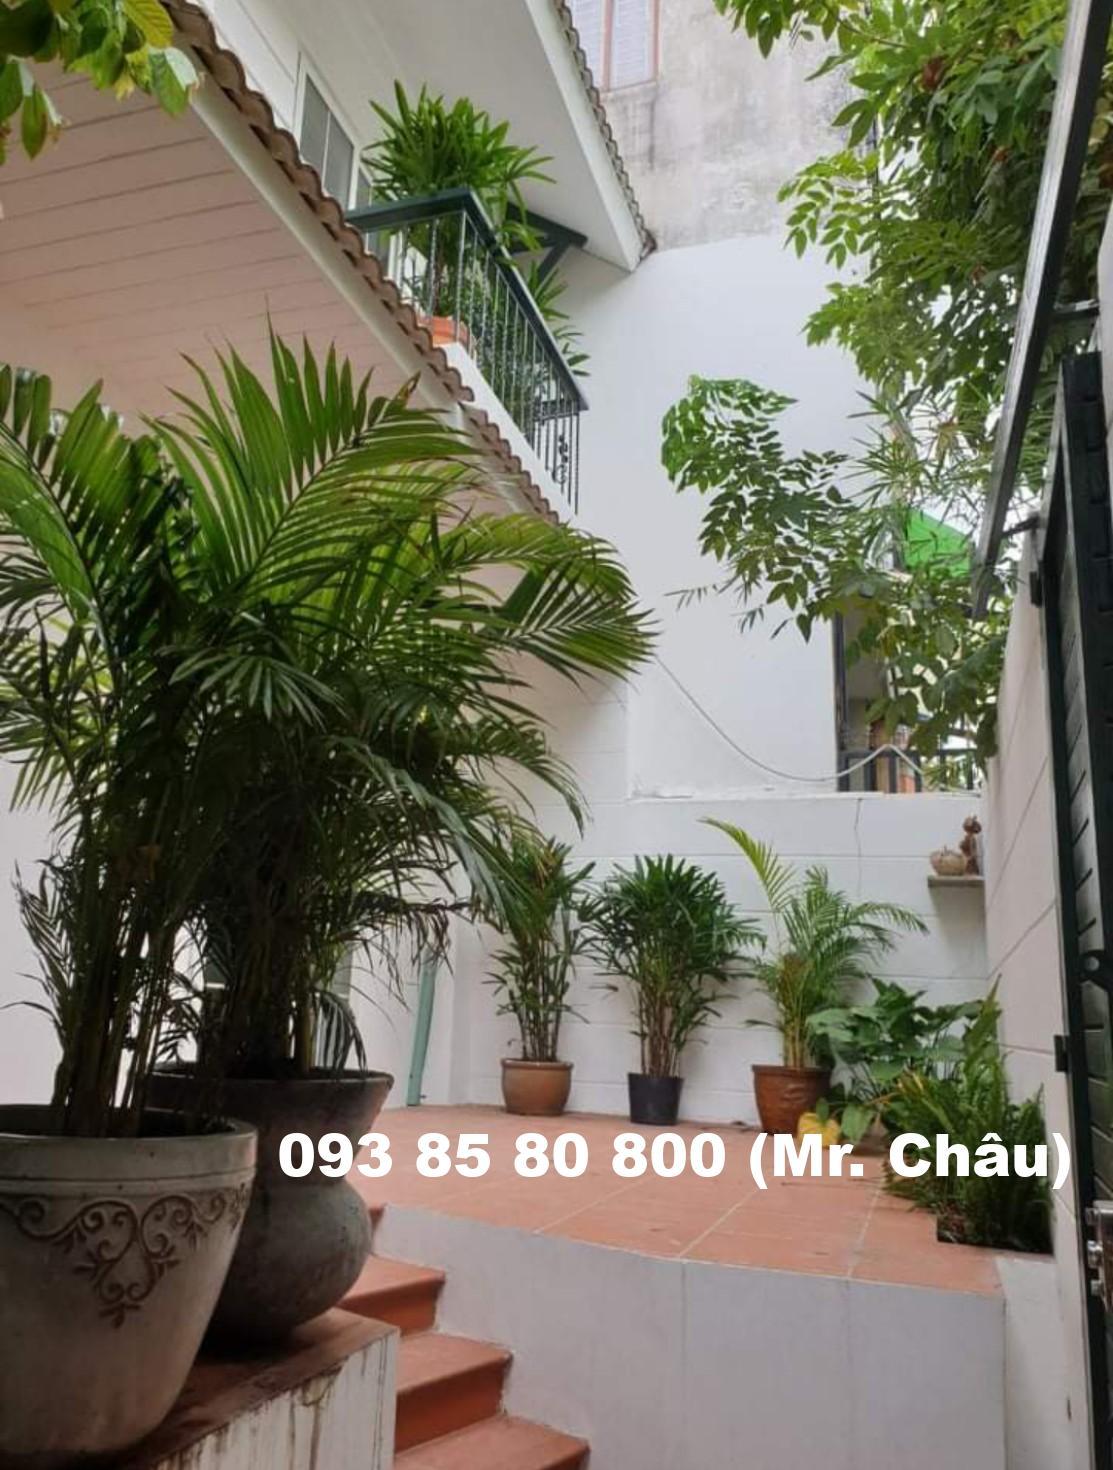 Bán Nhà Đường Số 1 , Thảo Điền, Quận2, Ngang 10M